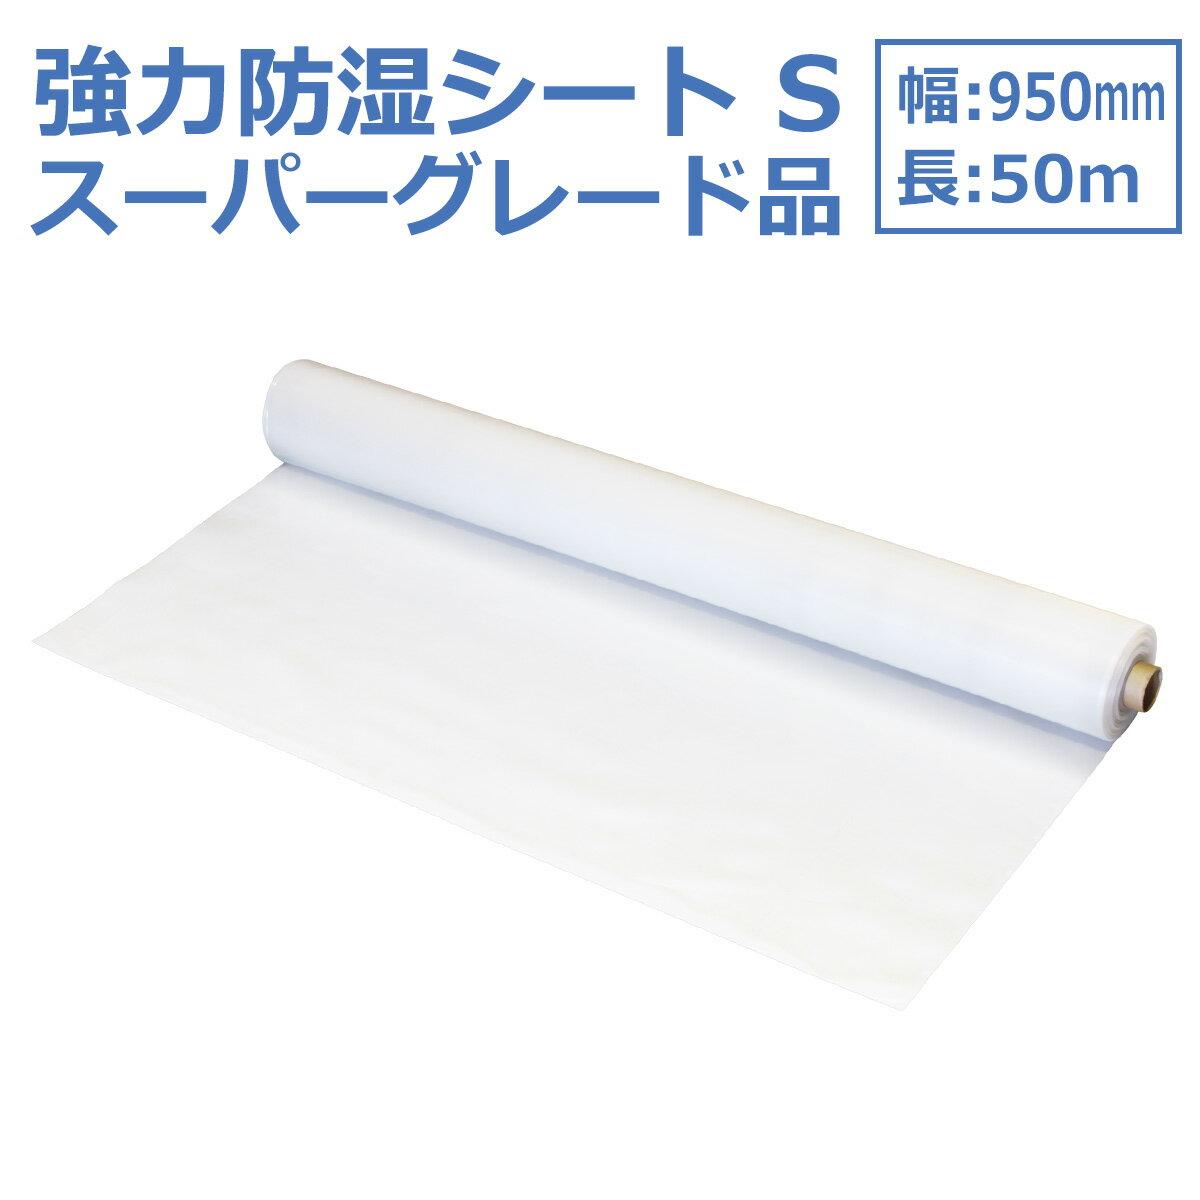 強力防湿シートS スーパーグレード品 50m巻 【防湿フイルム】【床下】【耐水】